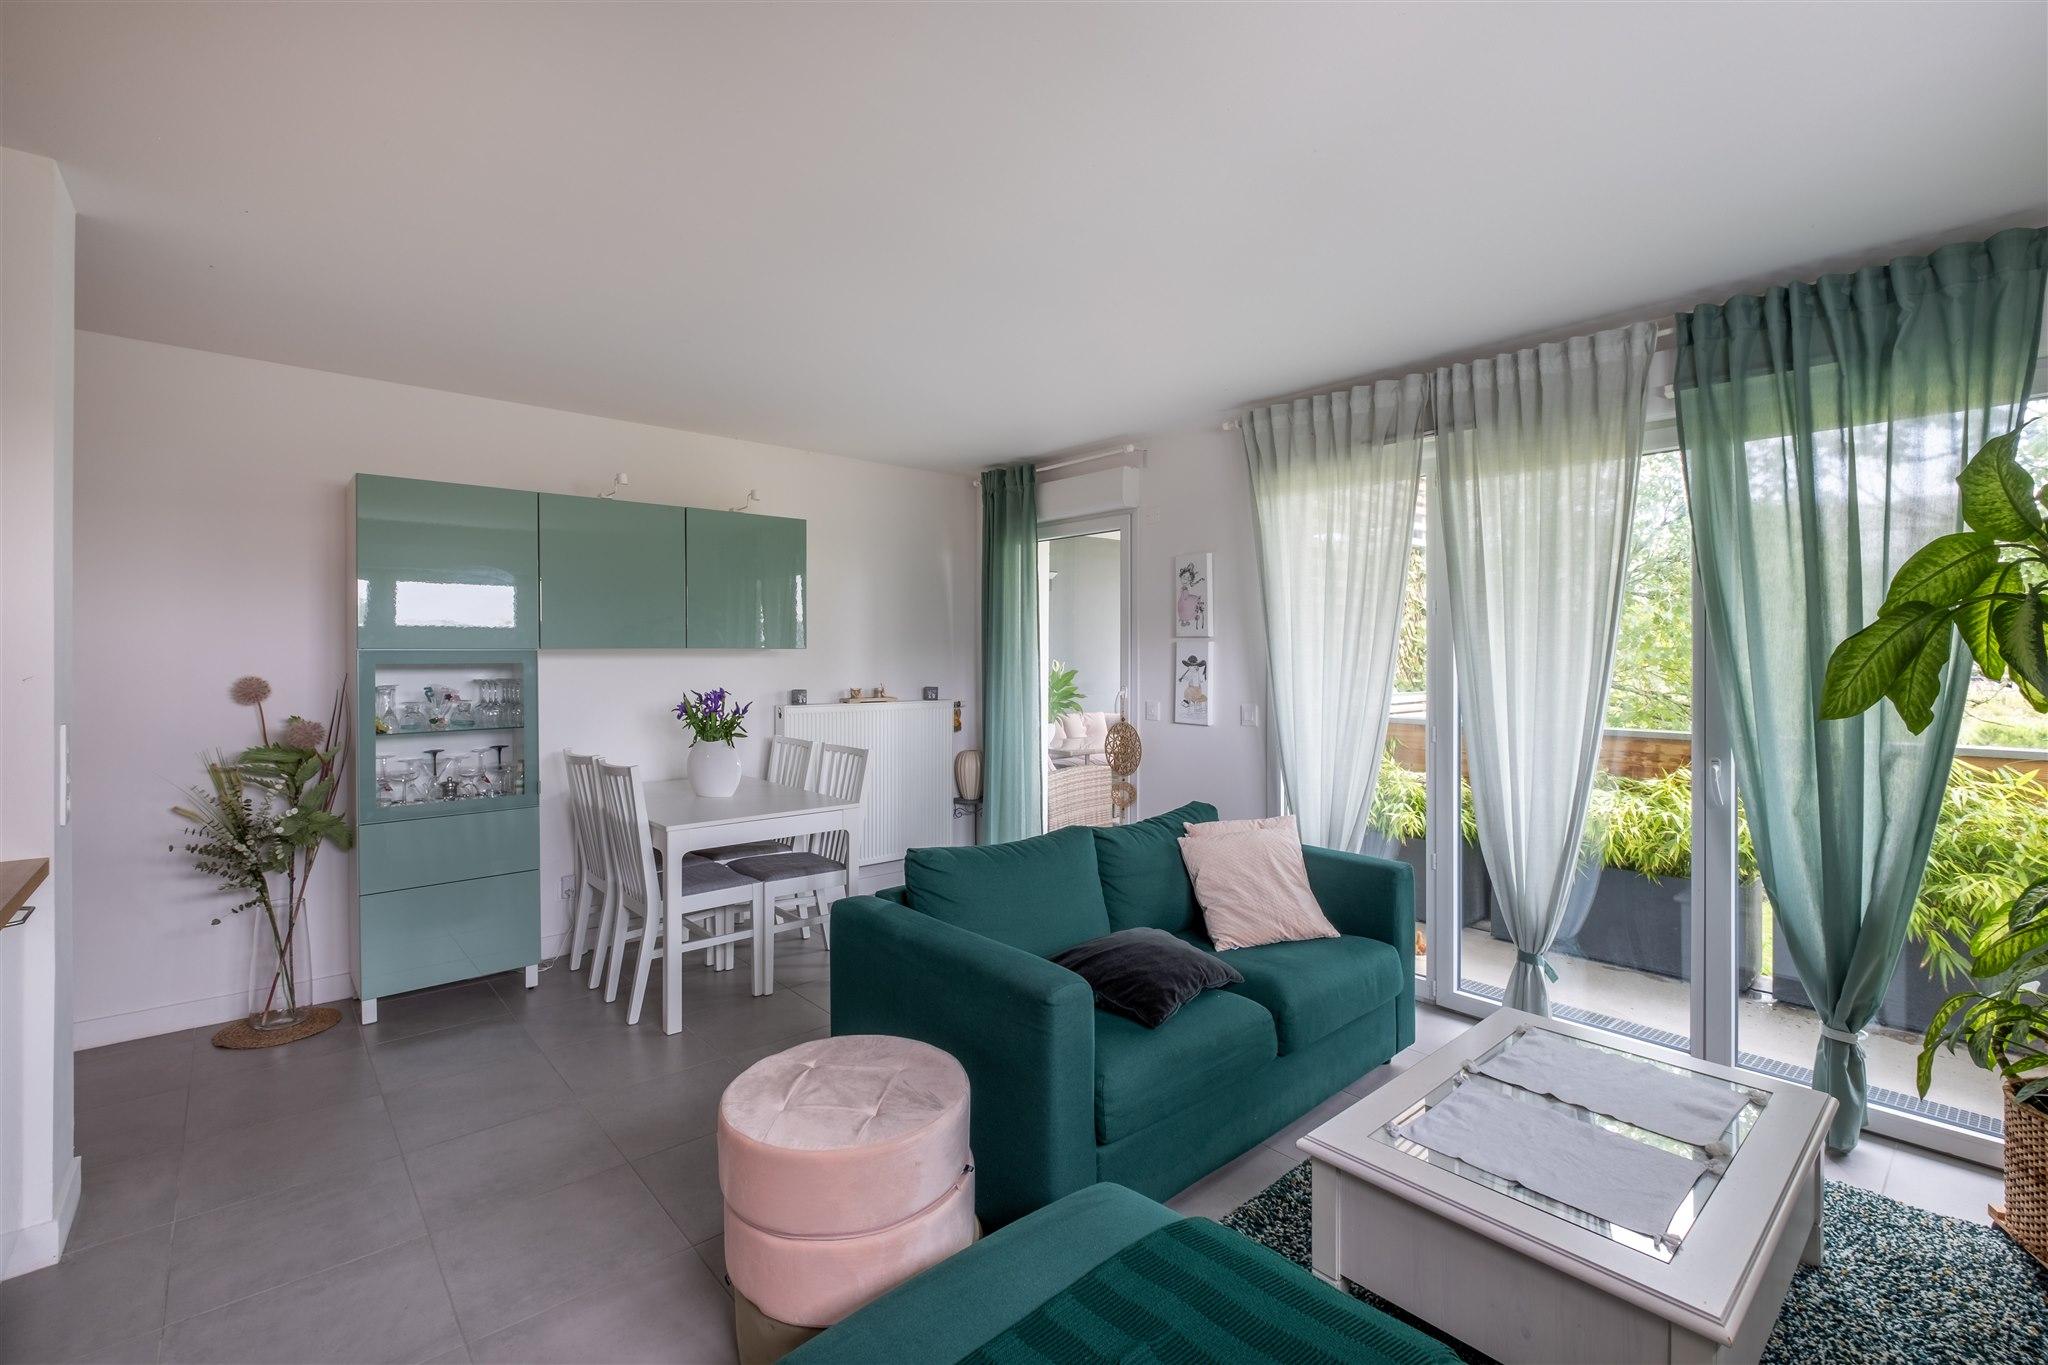 Décoration d'un appartement par MP intérieurs - Mérignac